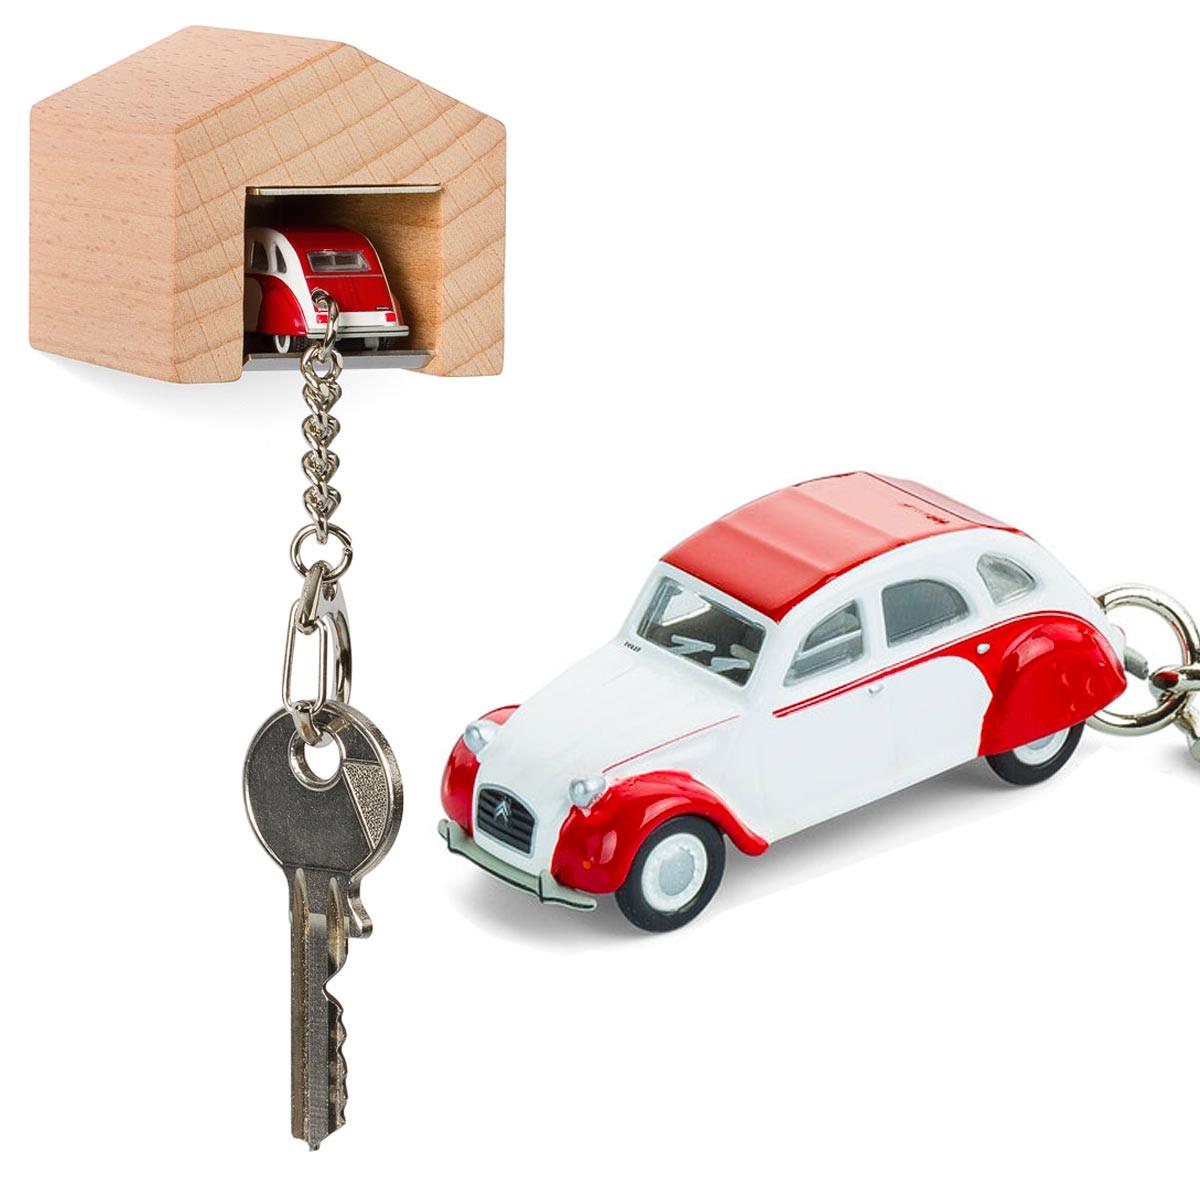 keyring citroen 2cv dolly with beech wood garage. Black Bedroom Furniture Sets. Home Design Ideas